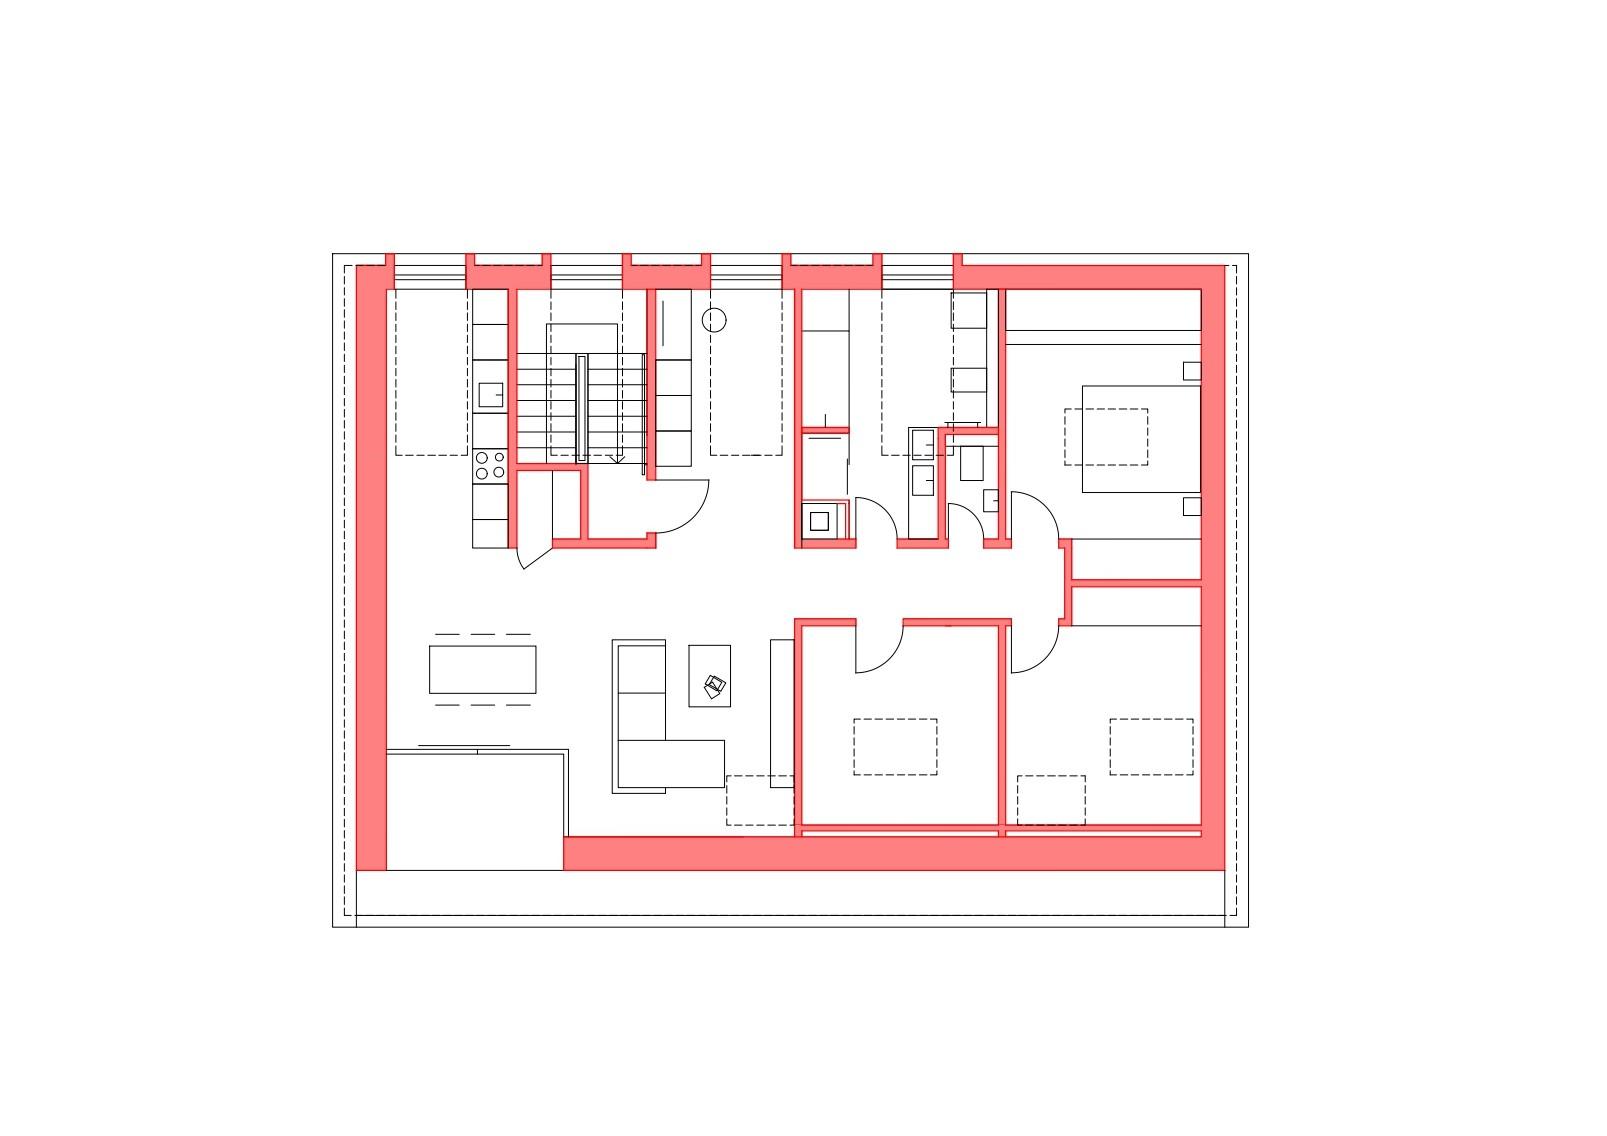 plan_rdc_page-0001